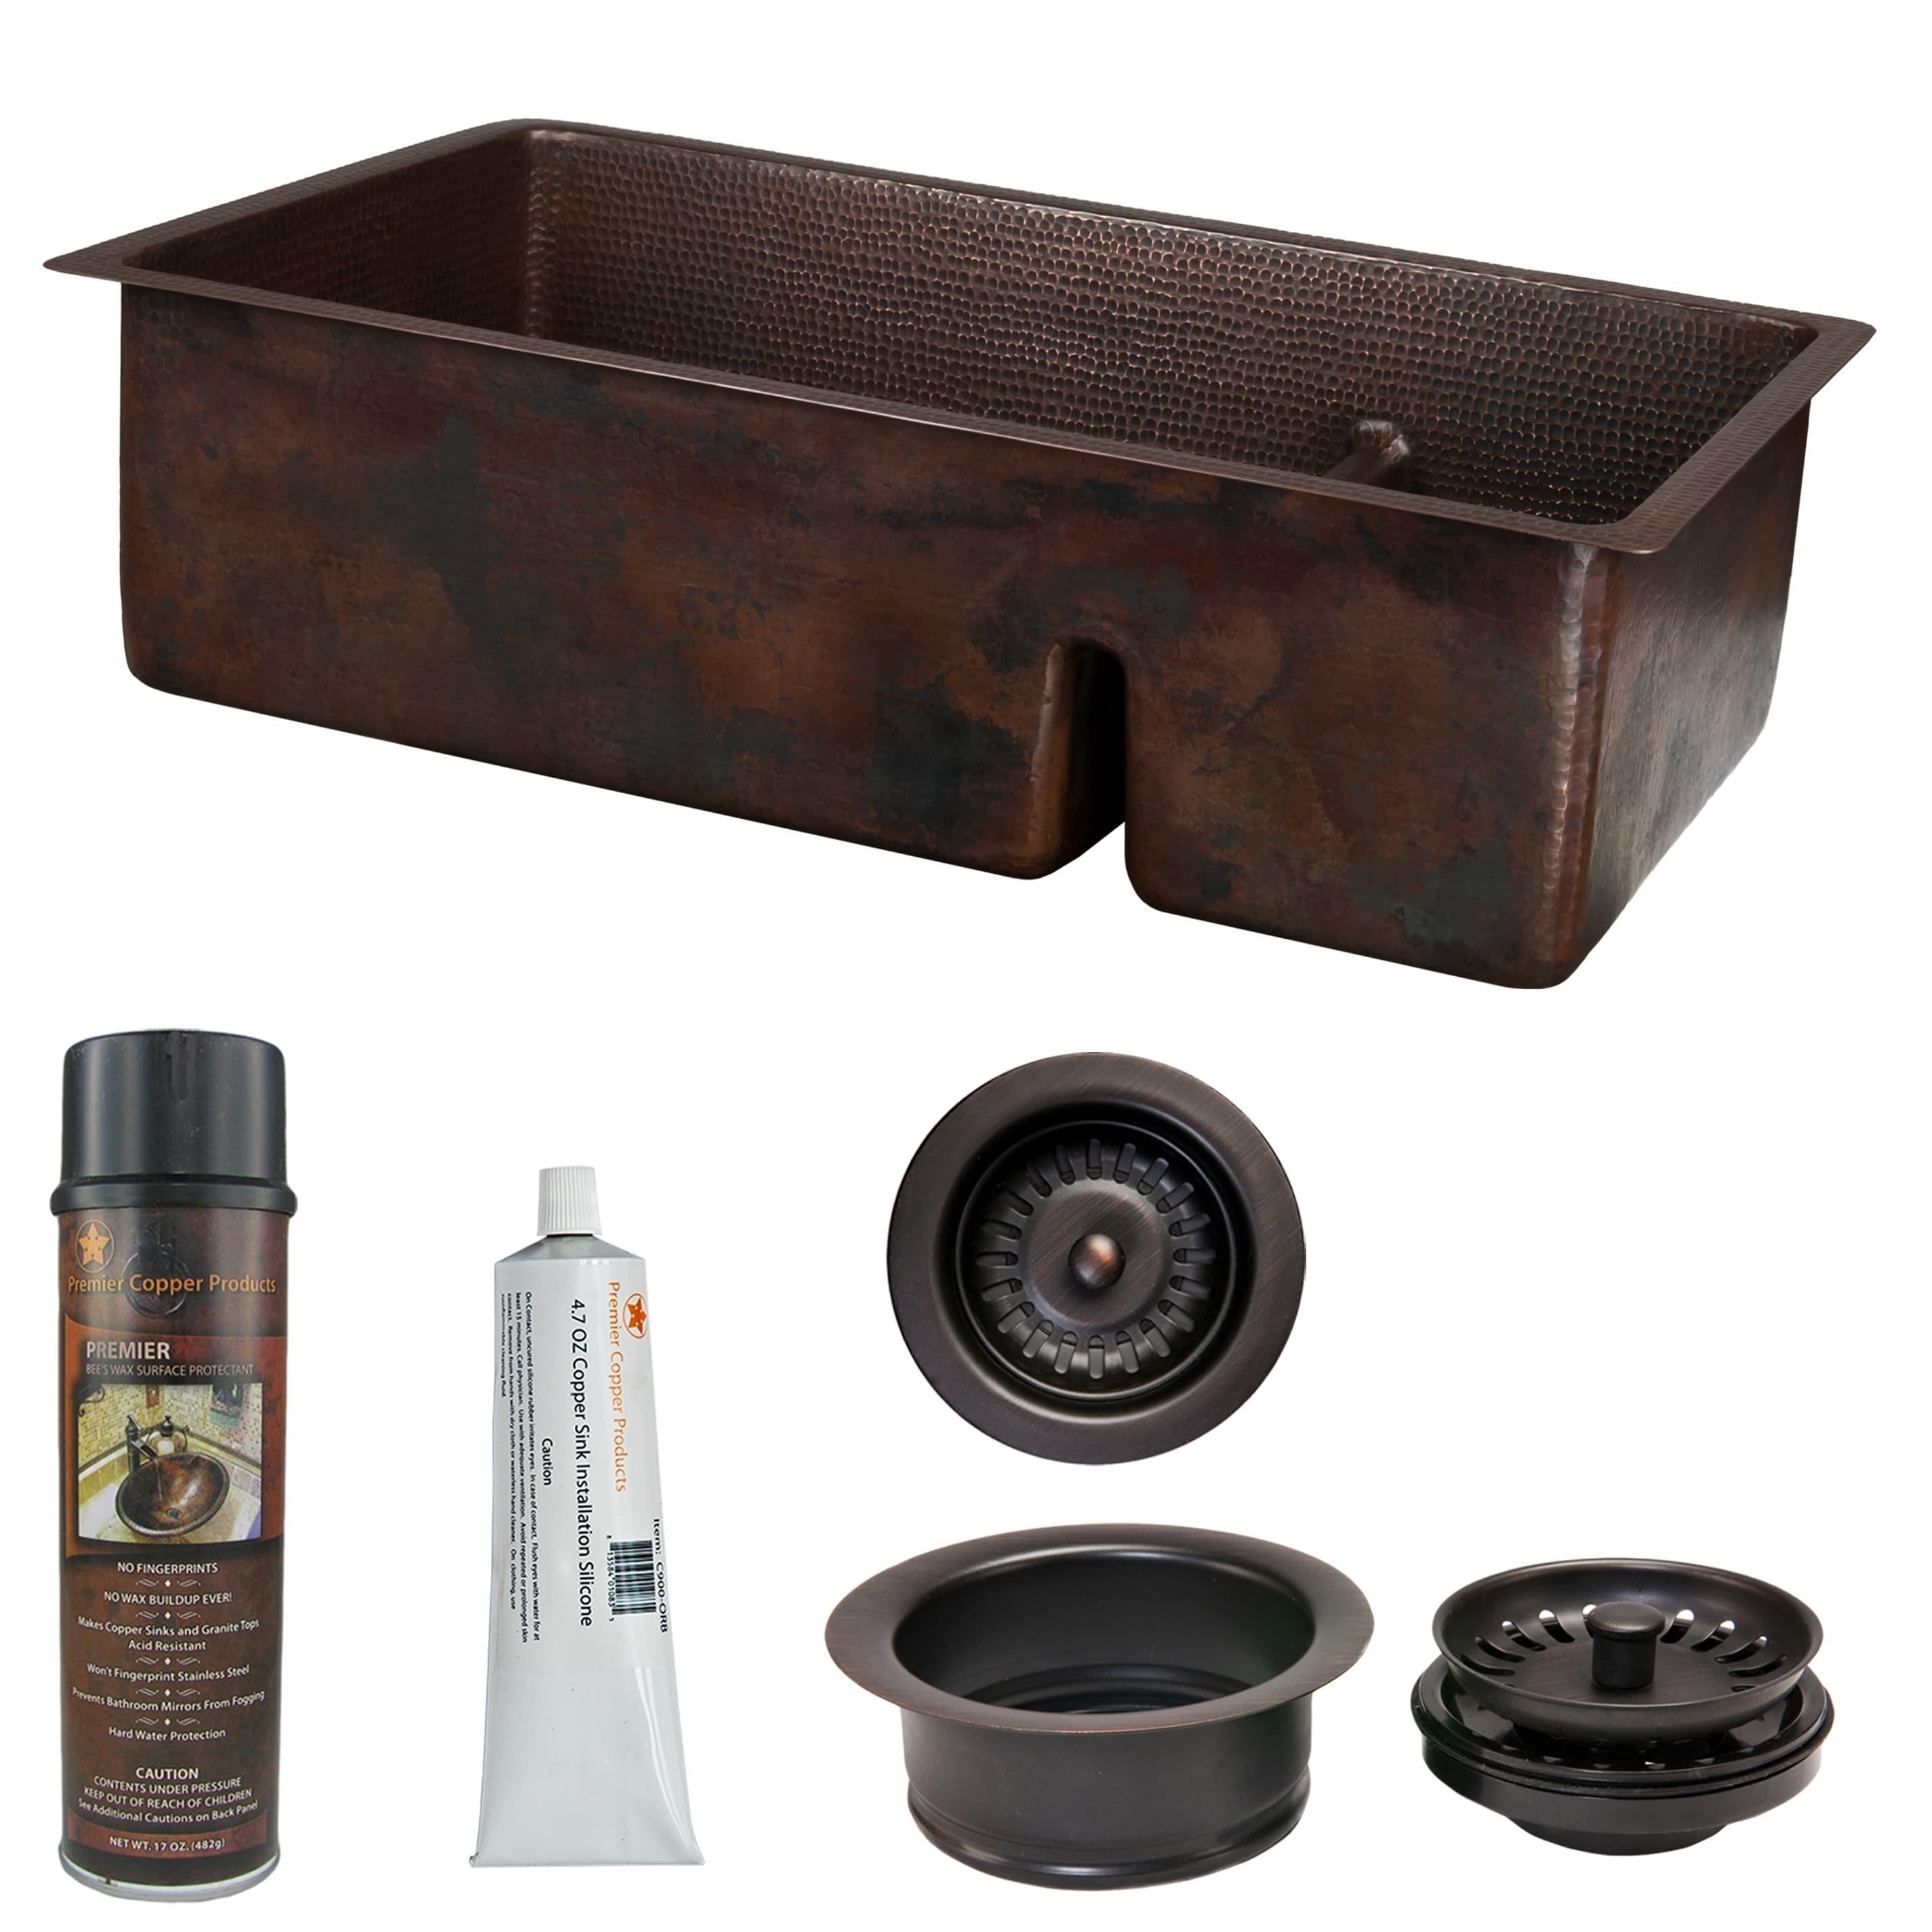 Shop Premier Copper Products KSP3K70DB33199 SD5 Kitchen